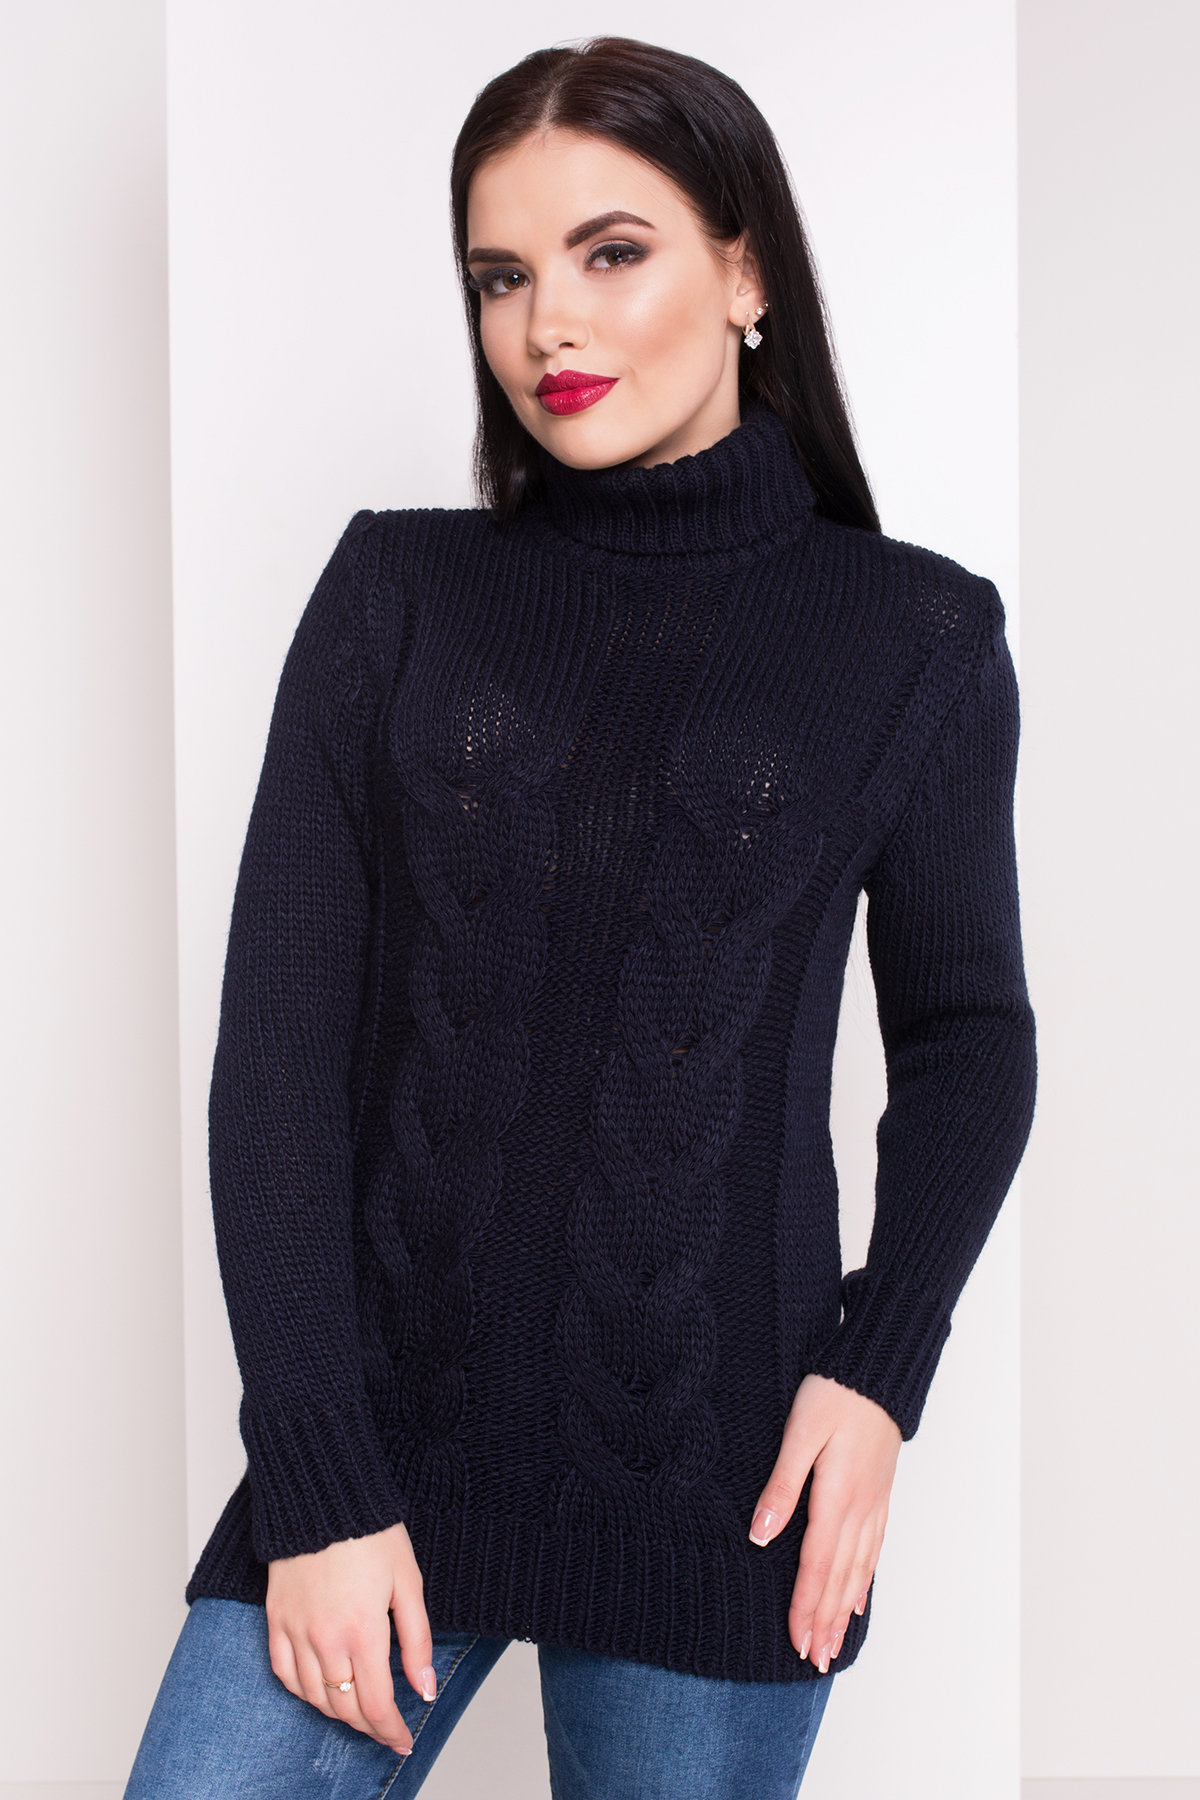 вязаные свитера для девушек Свитер Эдж 1562